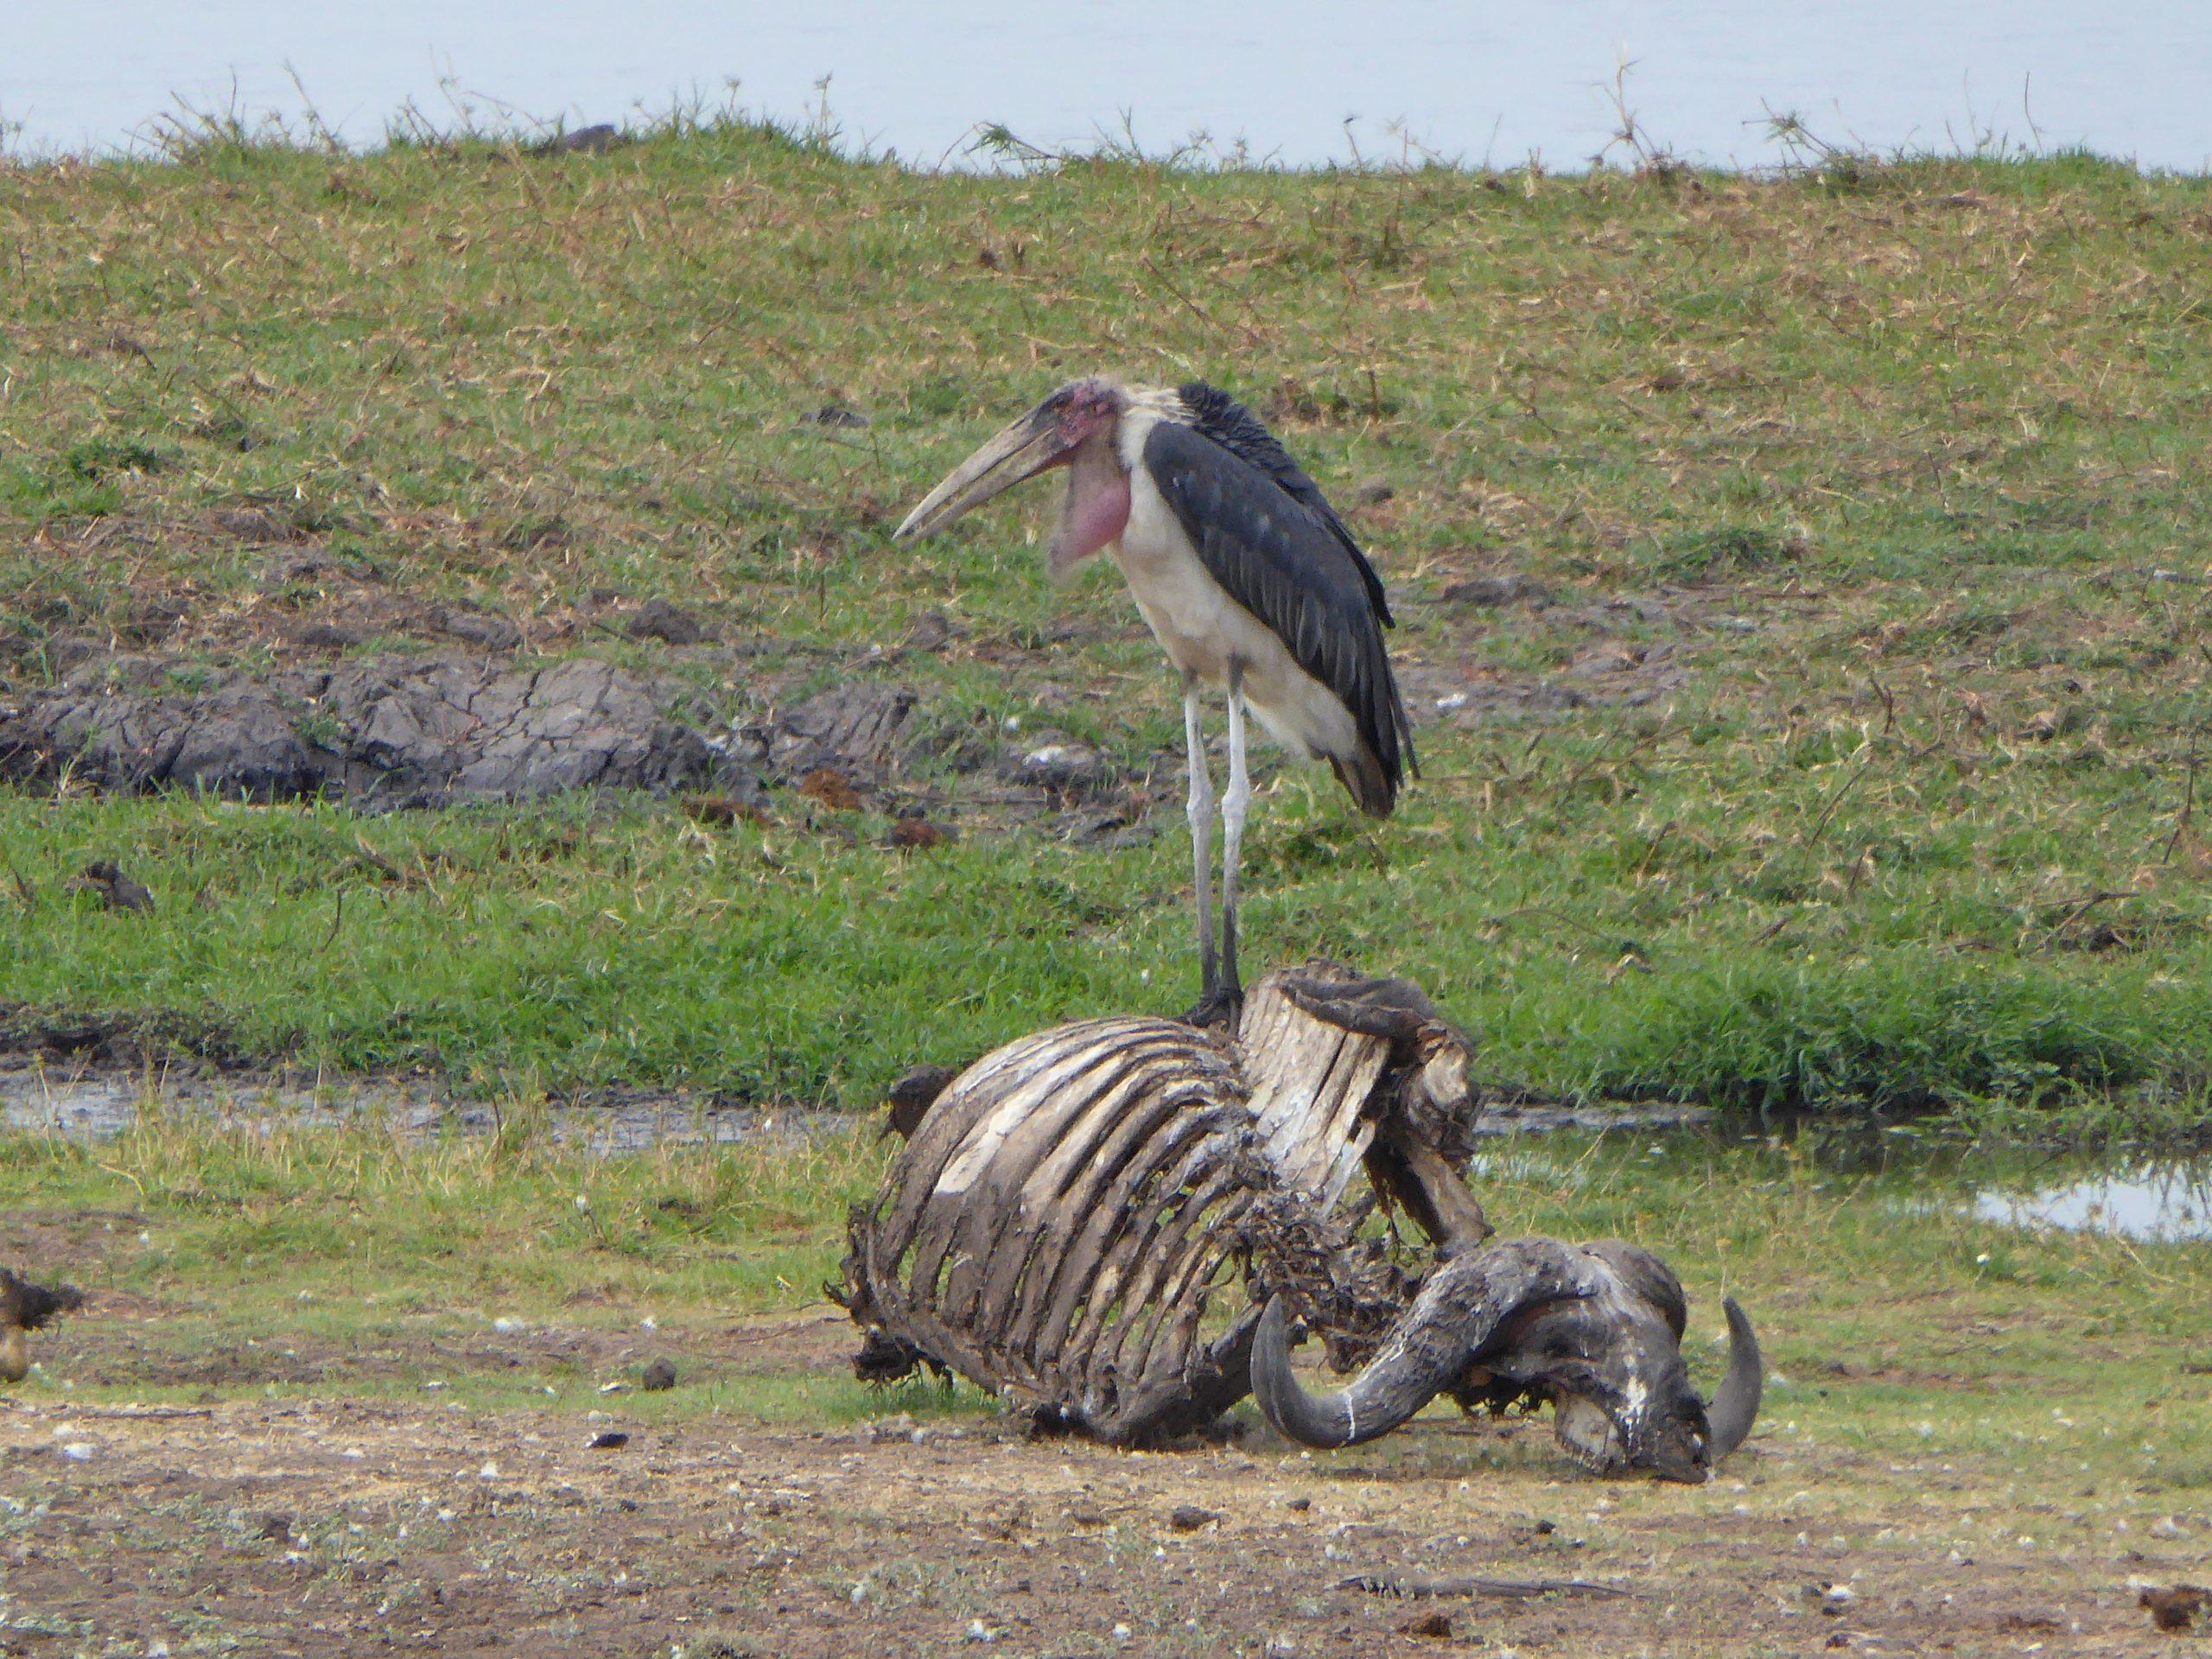 Radreise Afrika 2014 - Chobe NP - Storch (Marabu) und Skelett eines Kaffernbüffels